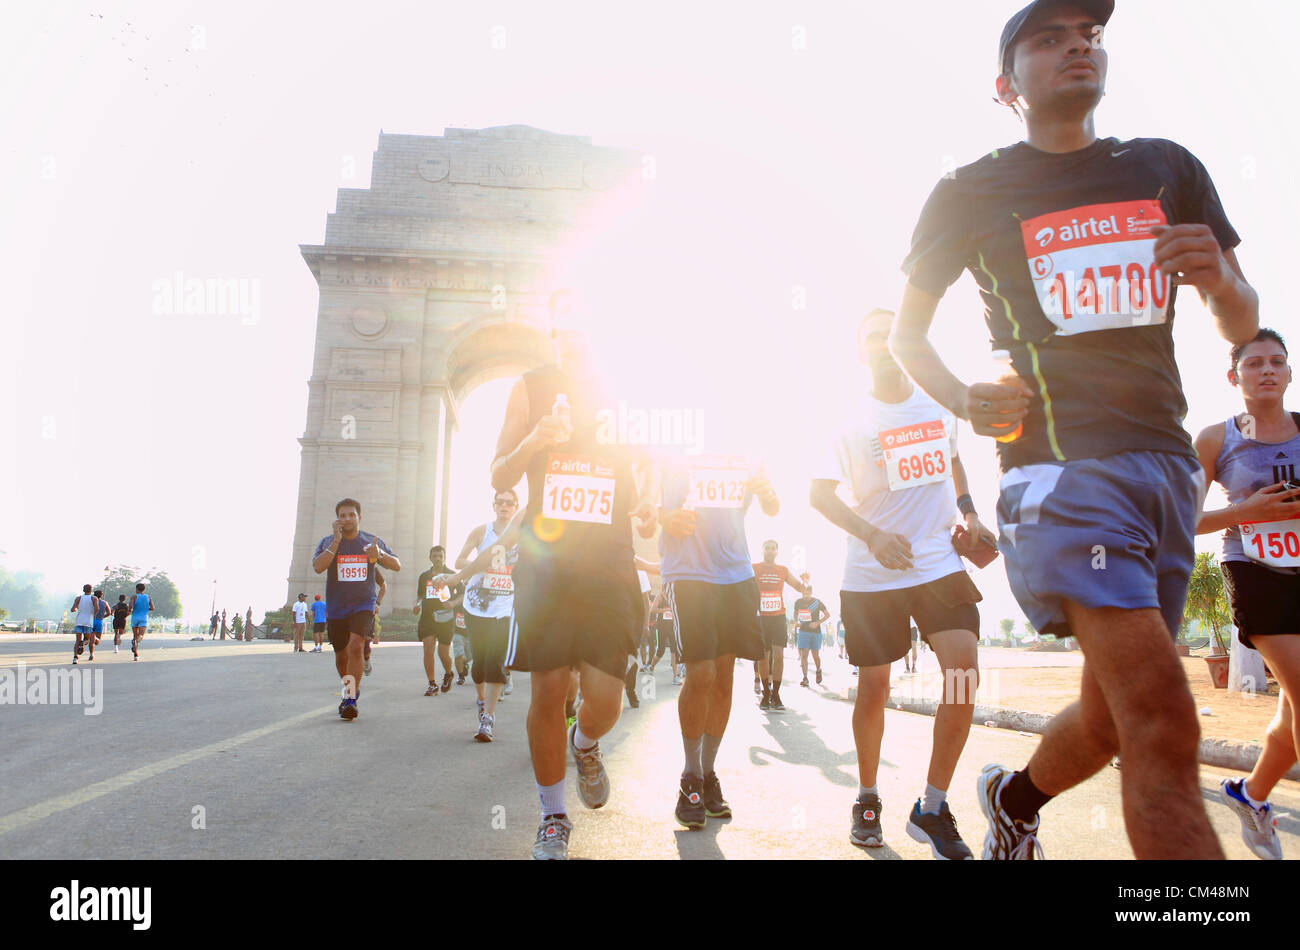 Septiembre 30, 2012 - Nueva Delhi, India - Delhi residentes participan en el medio maratón de Nueva Delhi como Imagen De Stock